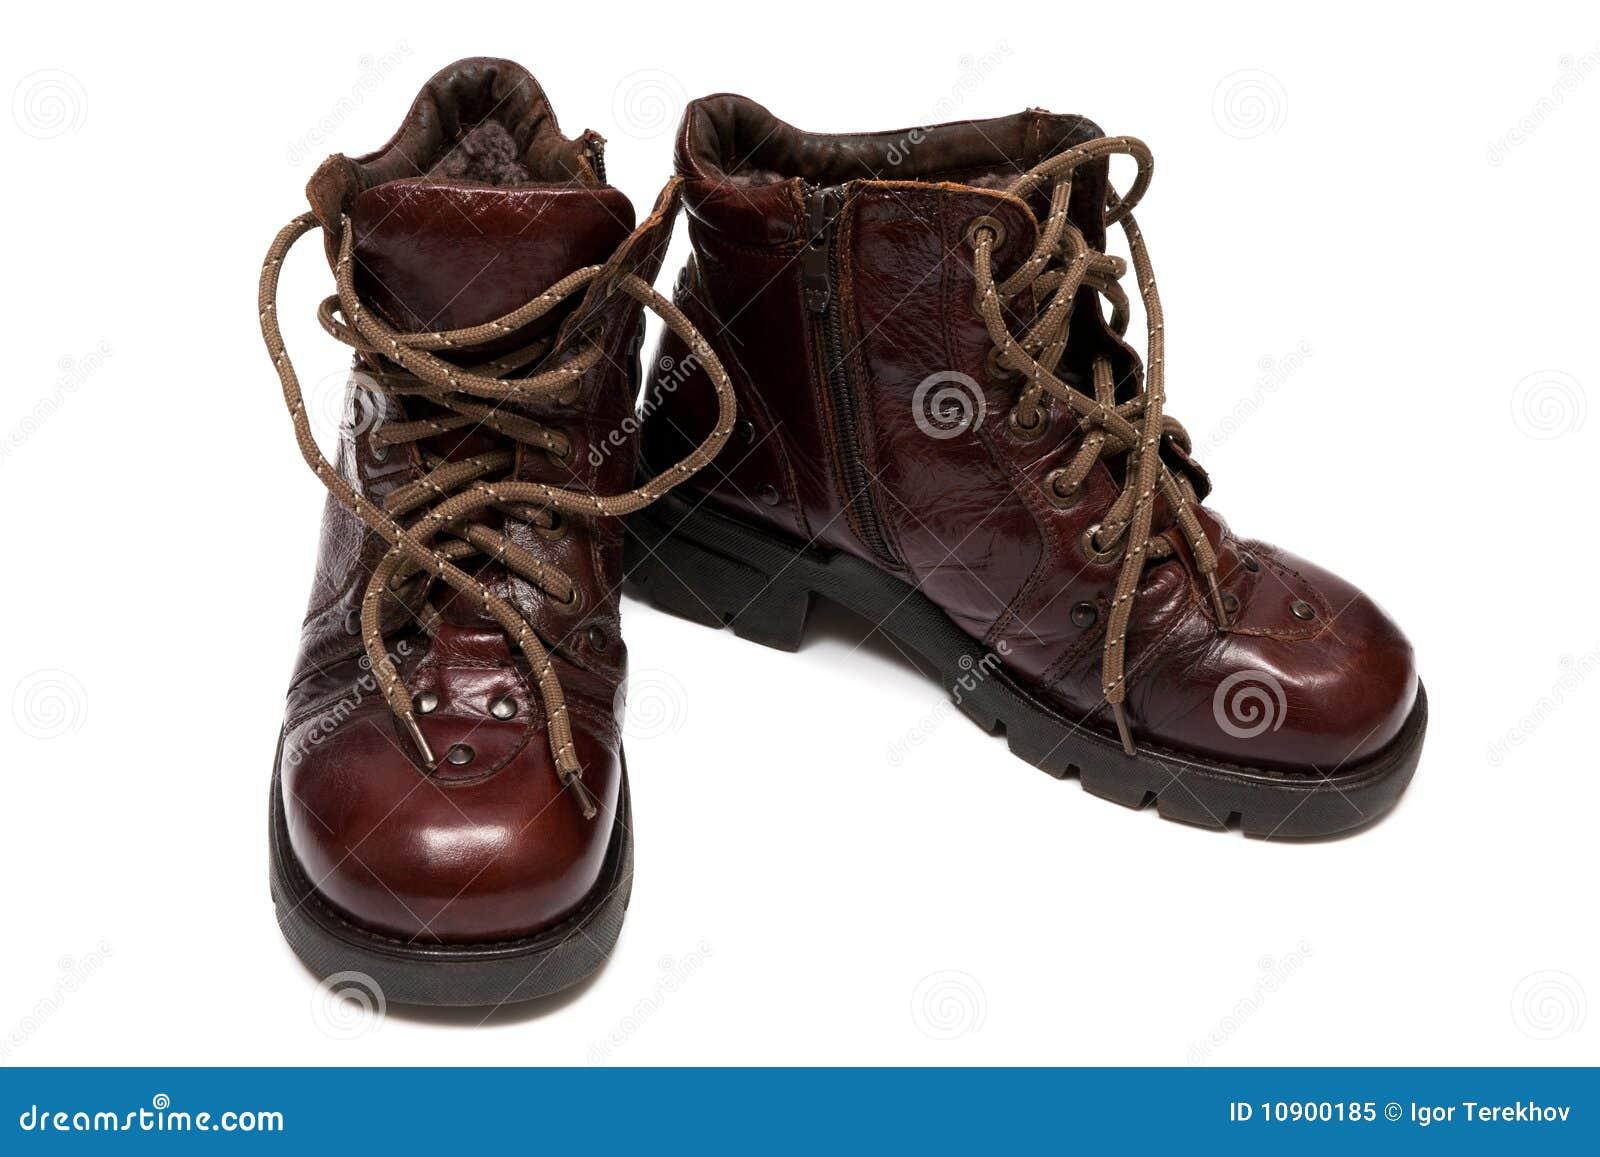 Laarzen op een dikke zool stock foto. Afbeelding bestaande